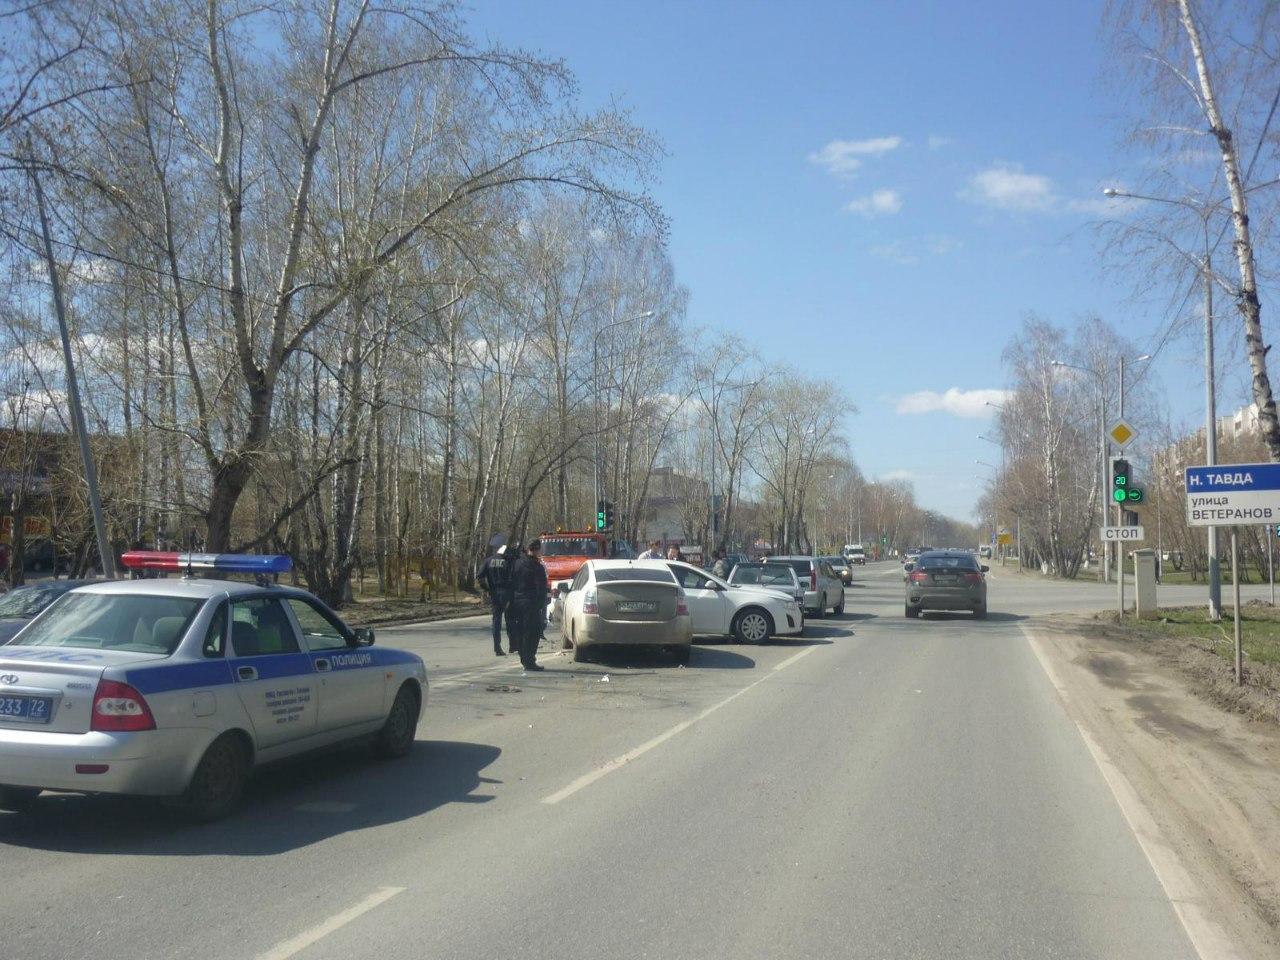 Дорожные аварии: есть погибший и раненые 3